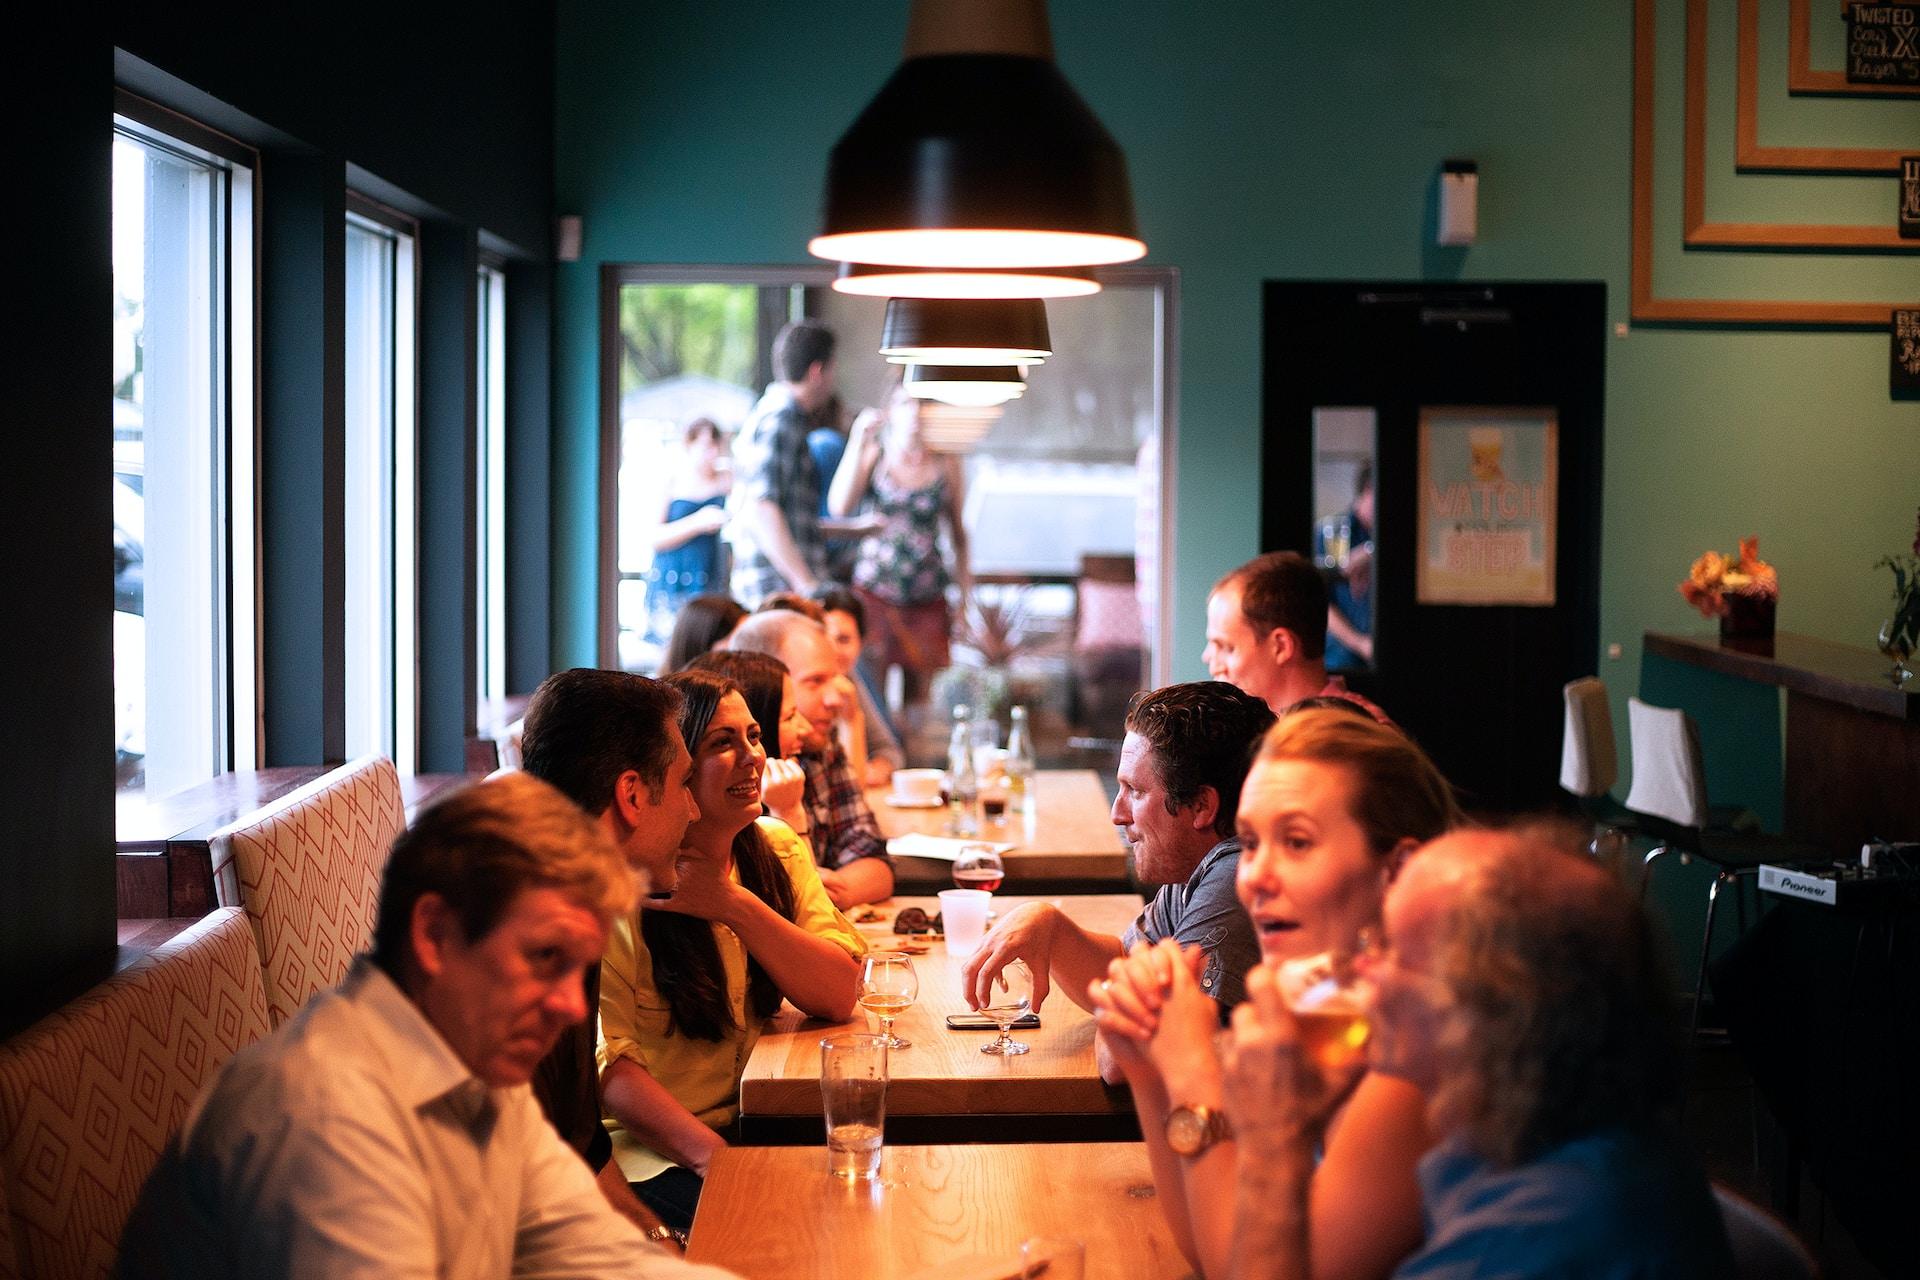 people sitting beside brown wooden table inside room